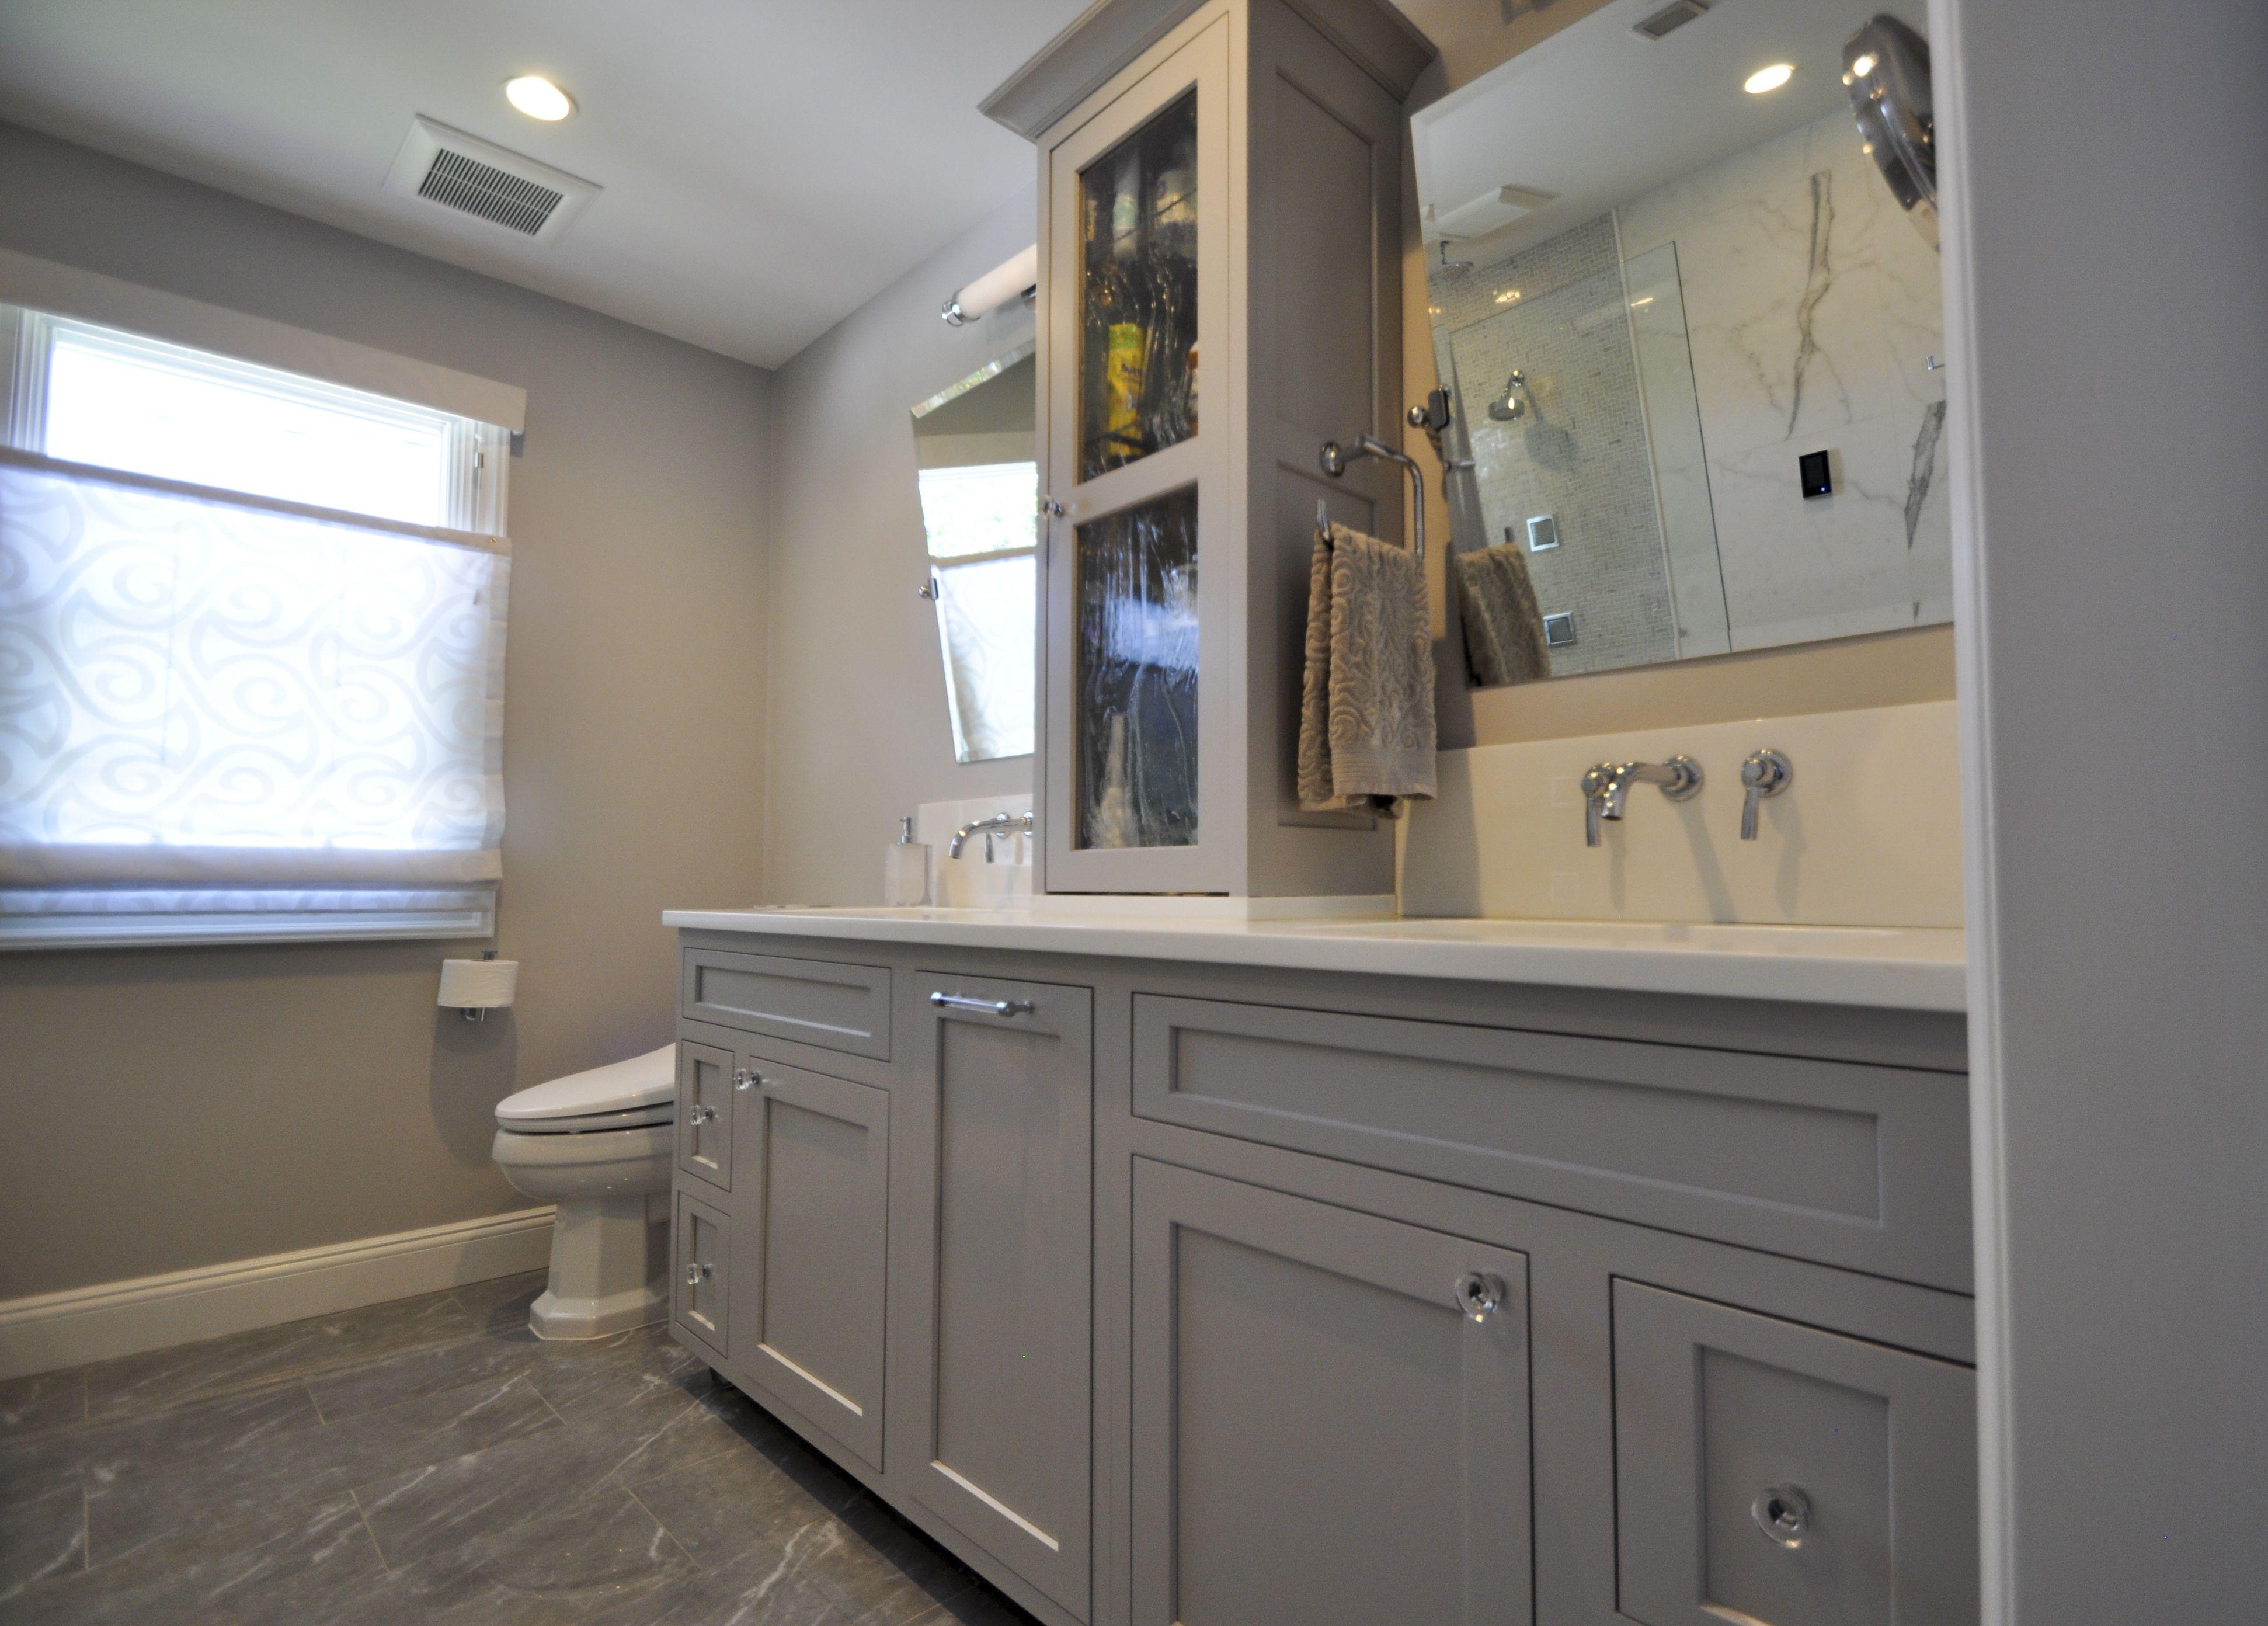 Bathrooms Double Sink Vanity Vanity Sink Modern Bathroom